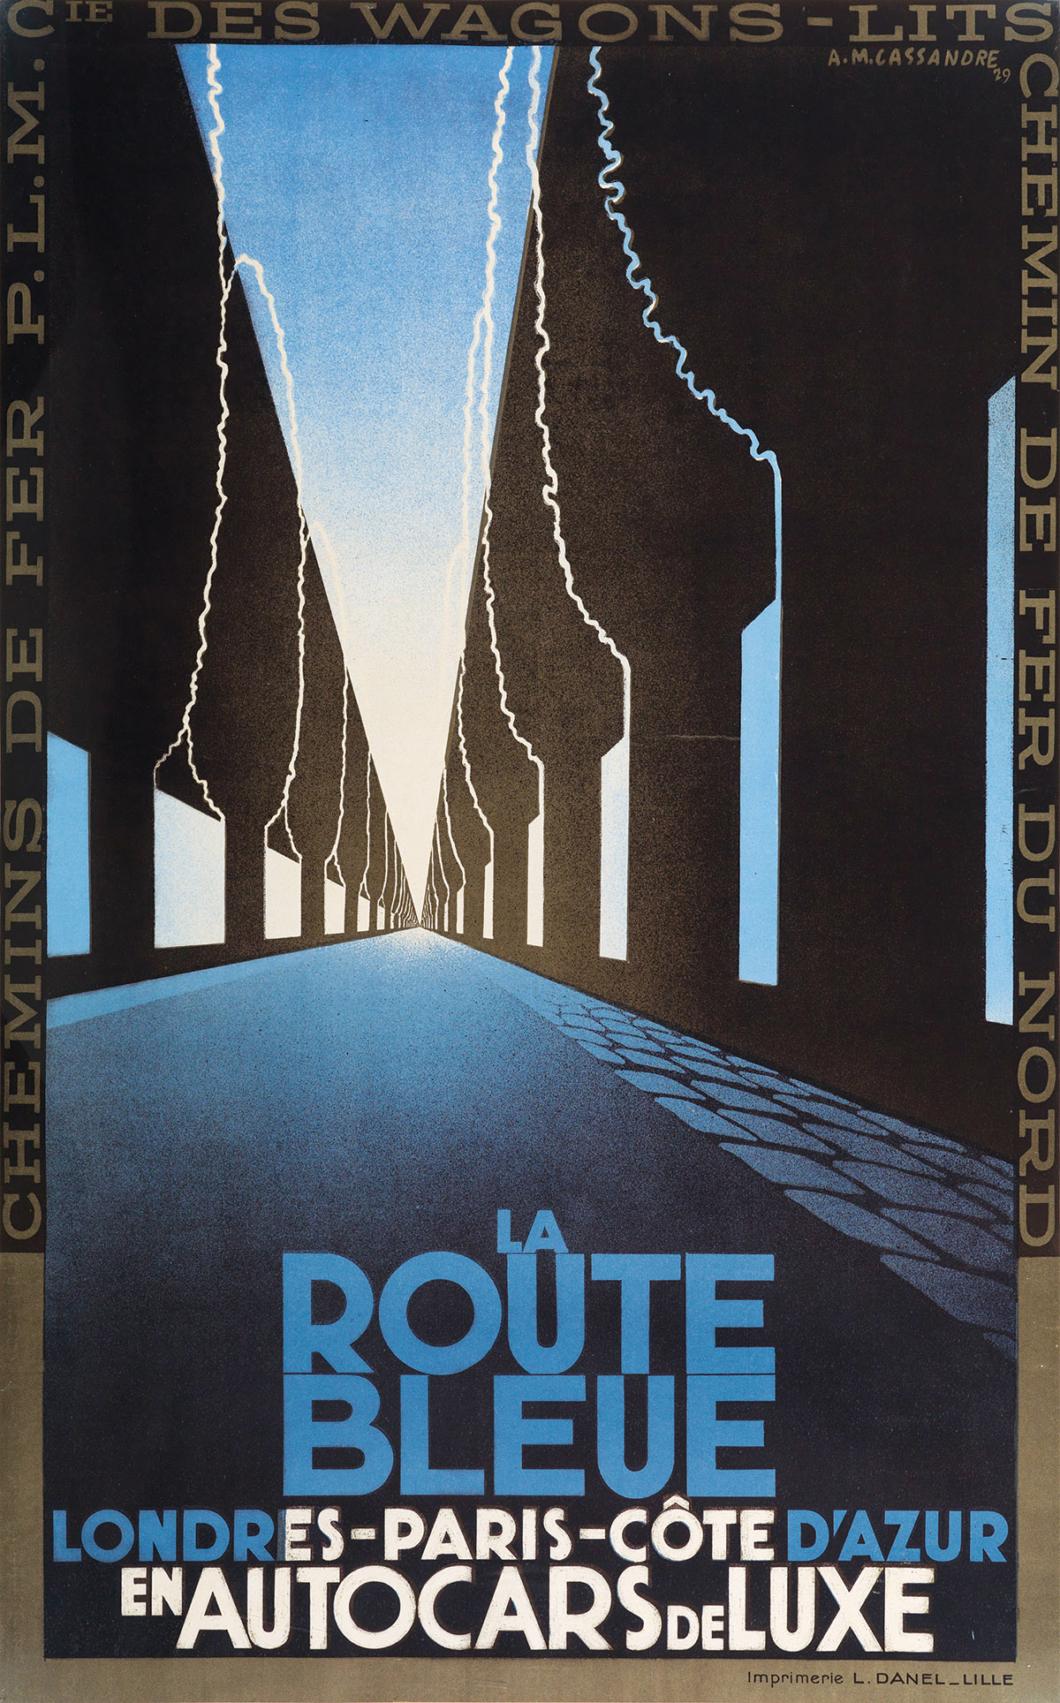 La Routr Bleue 1929